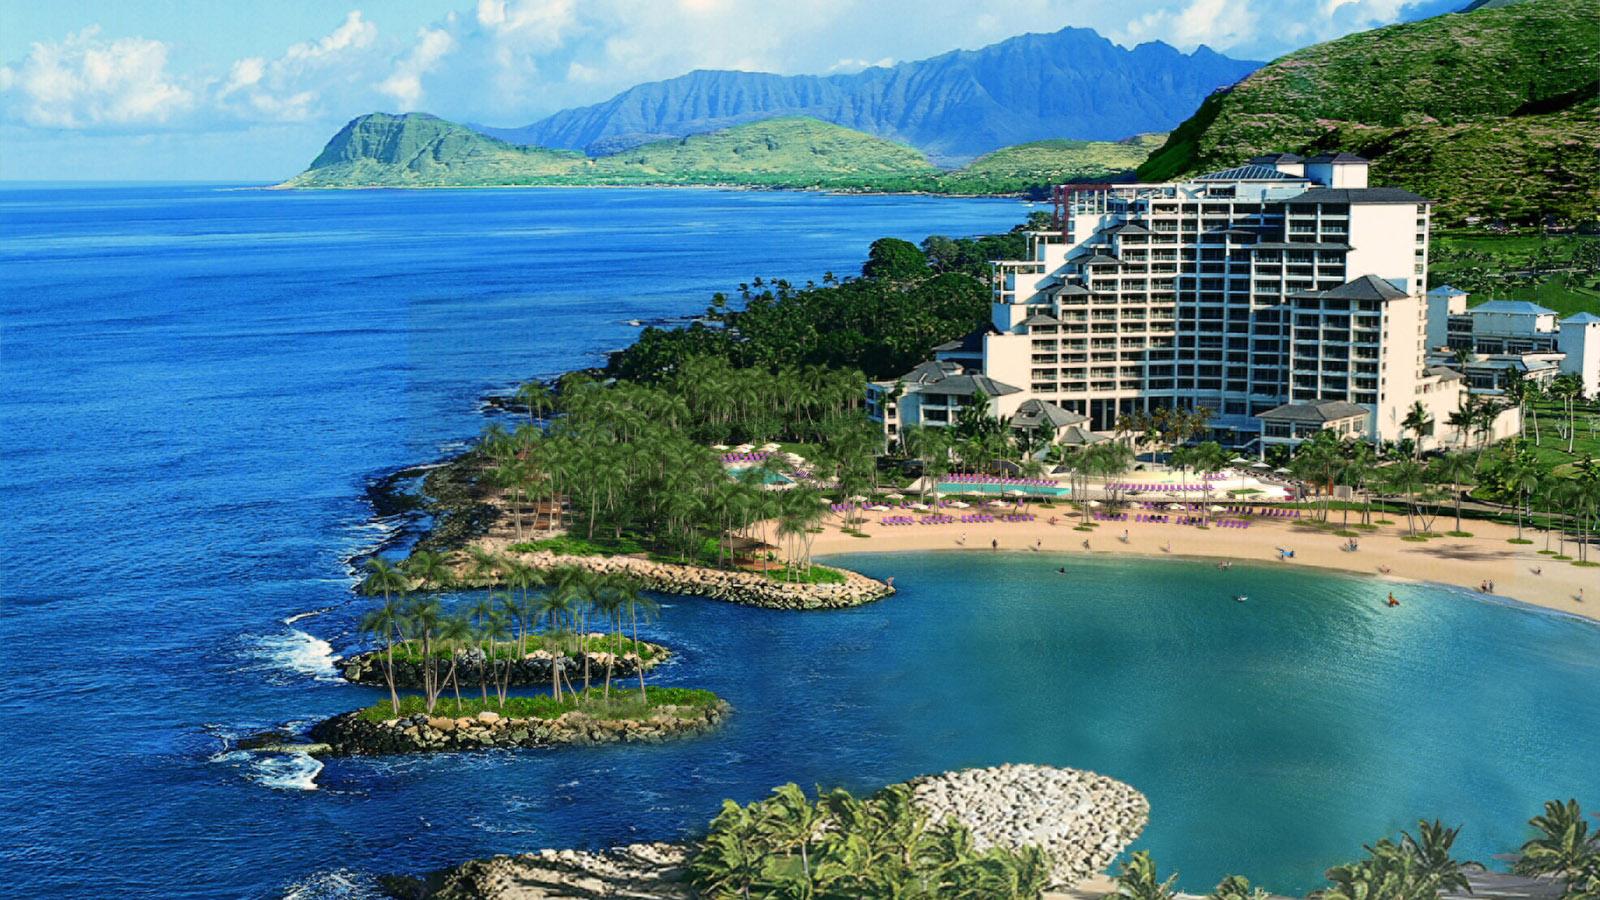 位于夏威夷第三大岛屿的欧胡岛科奥利纳四季度假酒店